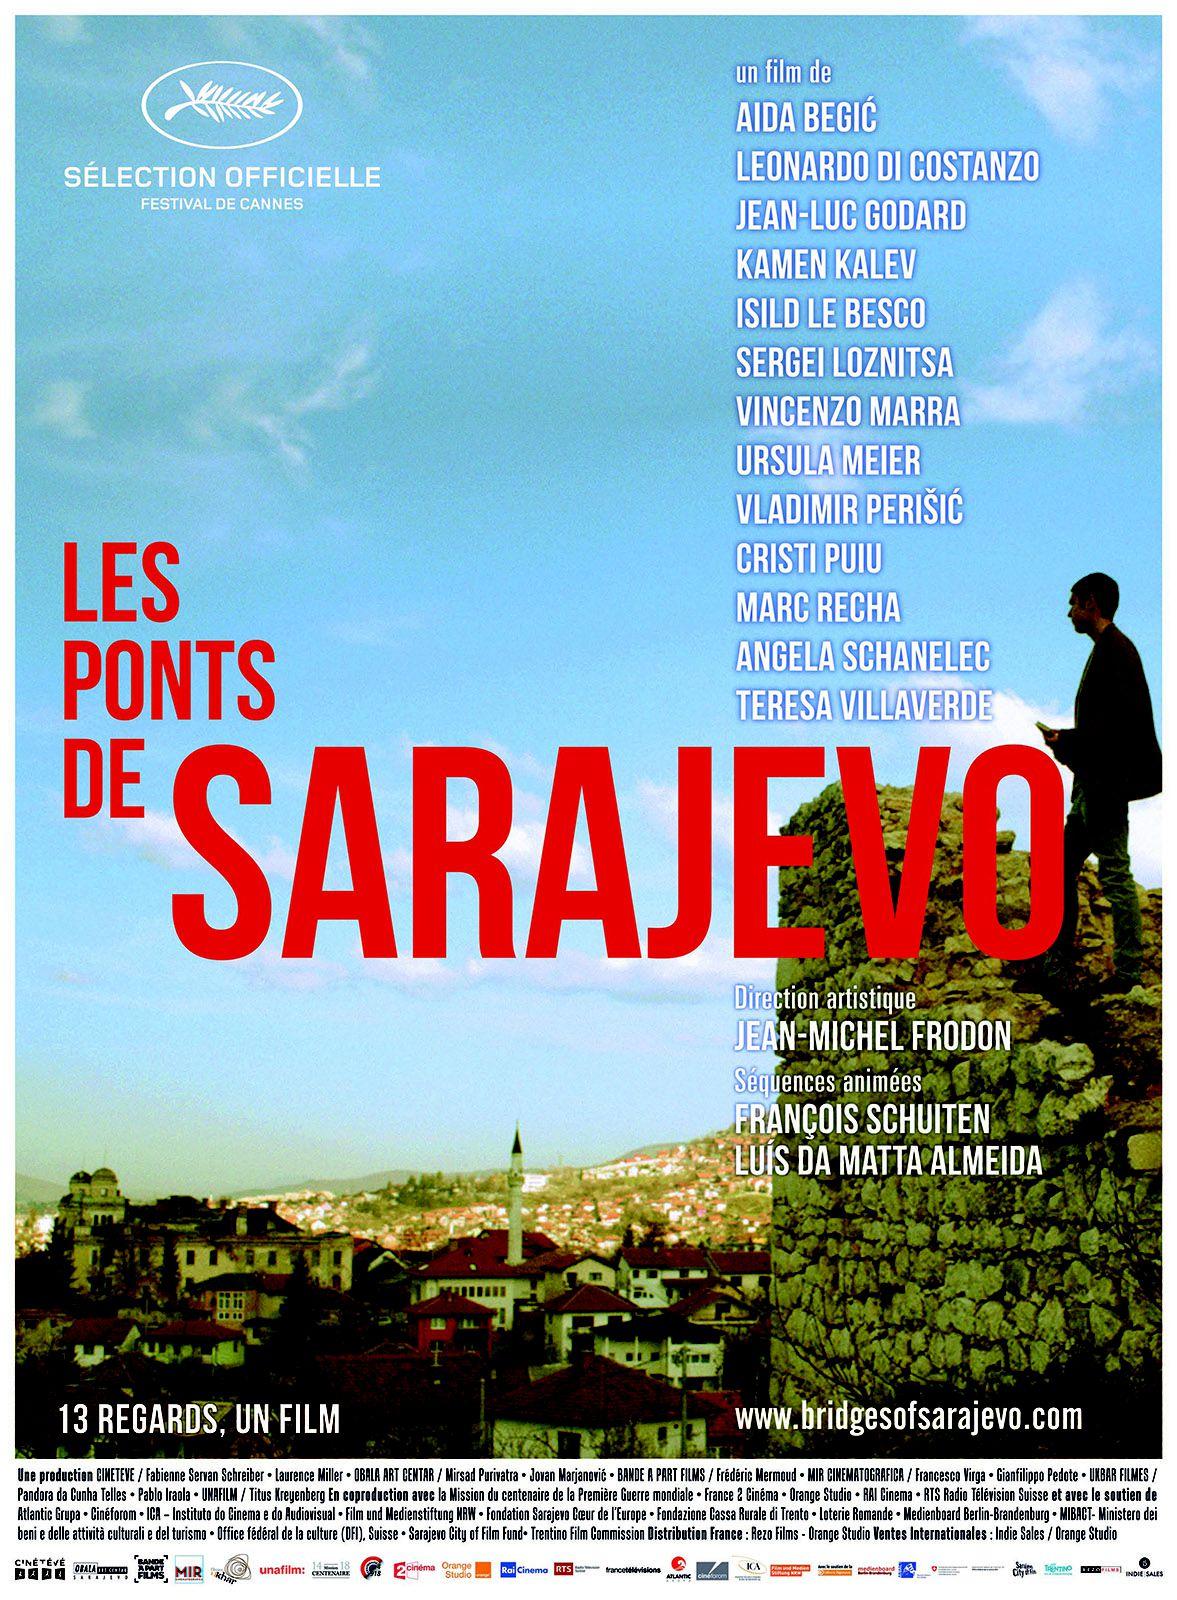 Les Ponts de Sarajevo - Documentaire (2014)